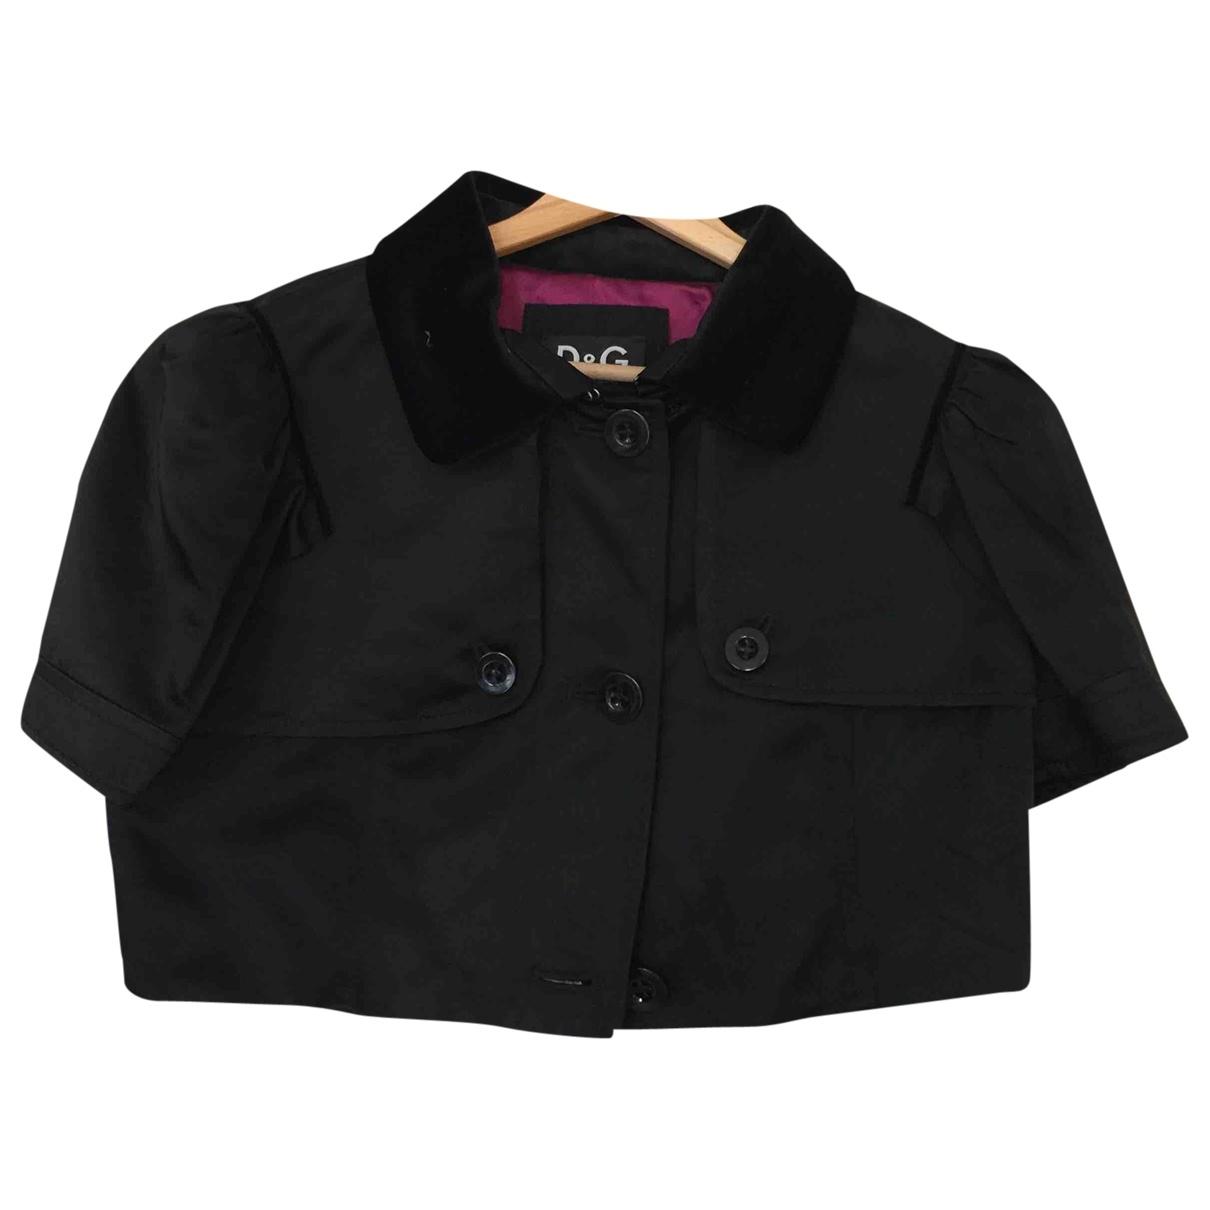 D&g \N Black jacket for Women 46 IT